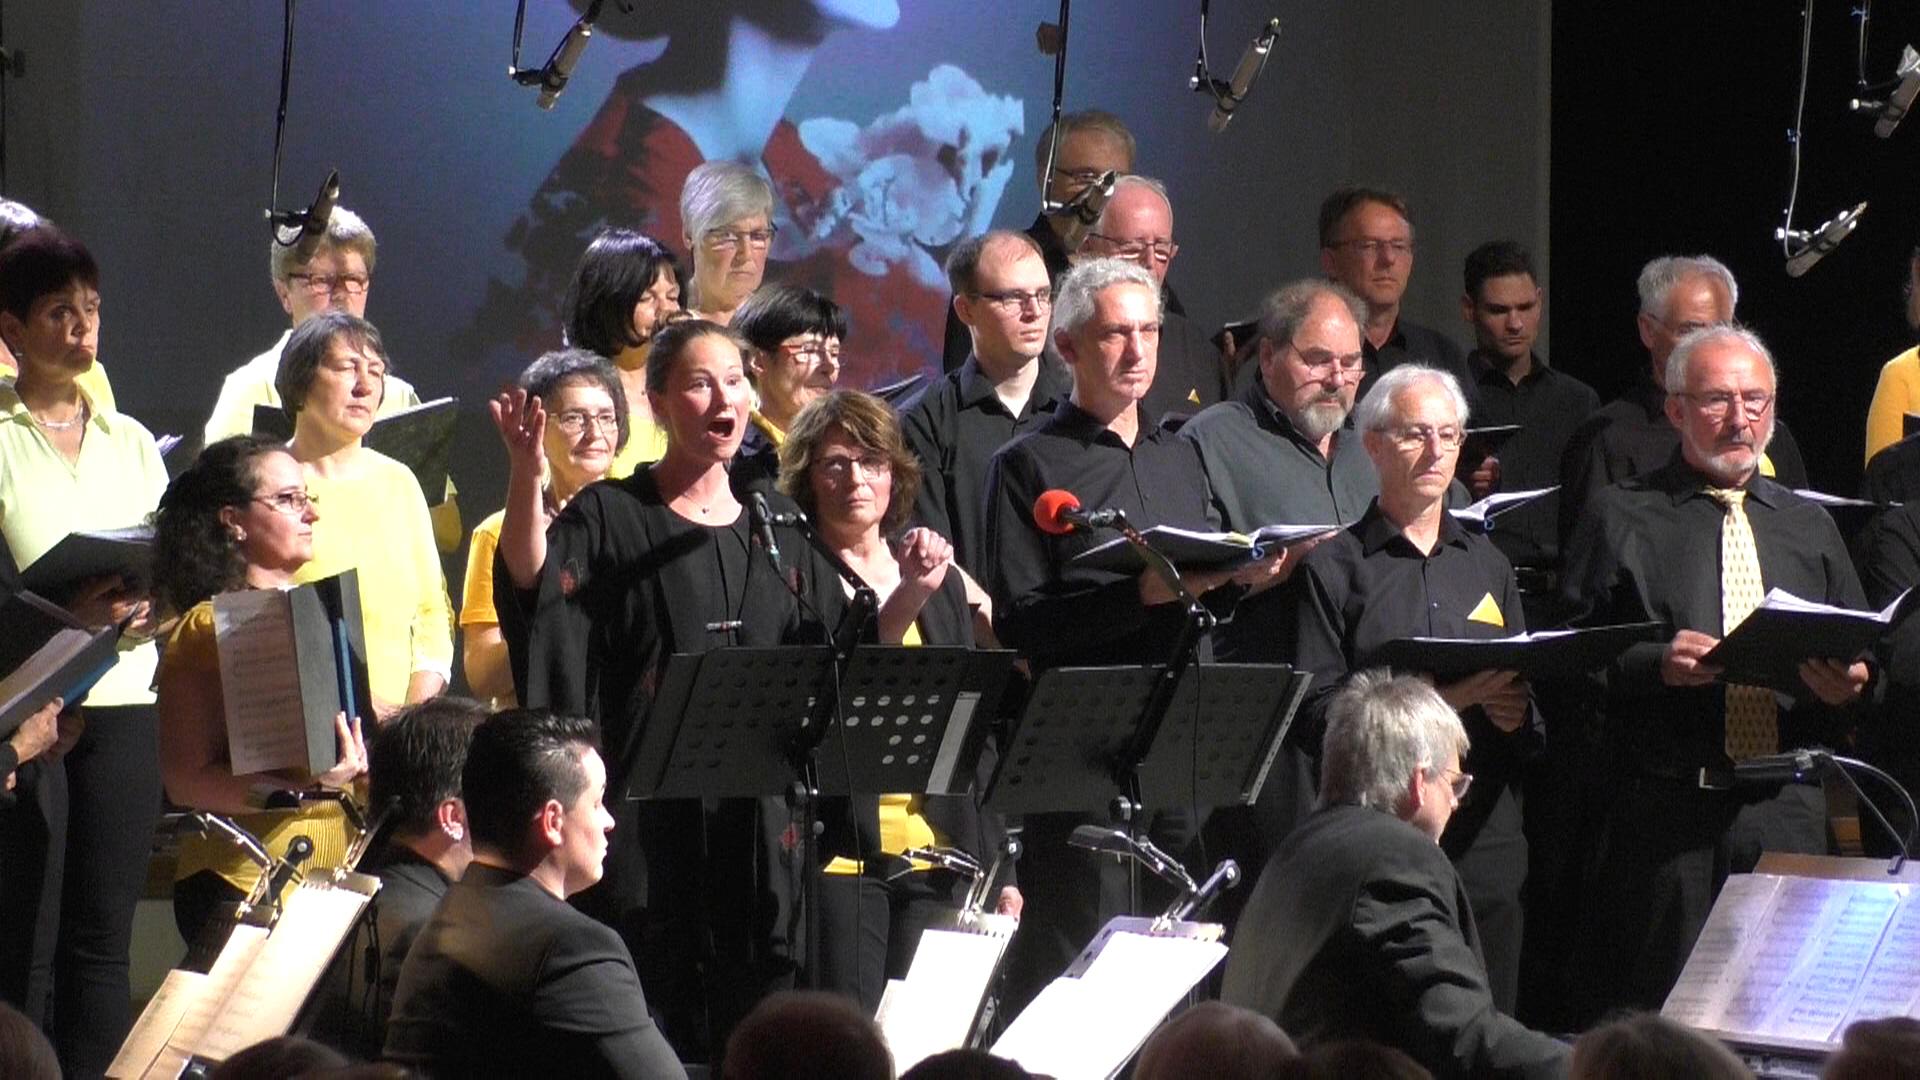 Solistin bei der Arie der Miss Butterfly, im Hintergrund Teile vom Sopran und der Männerstimmen